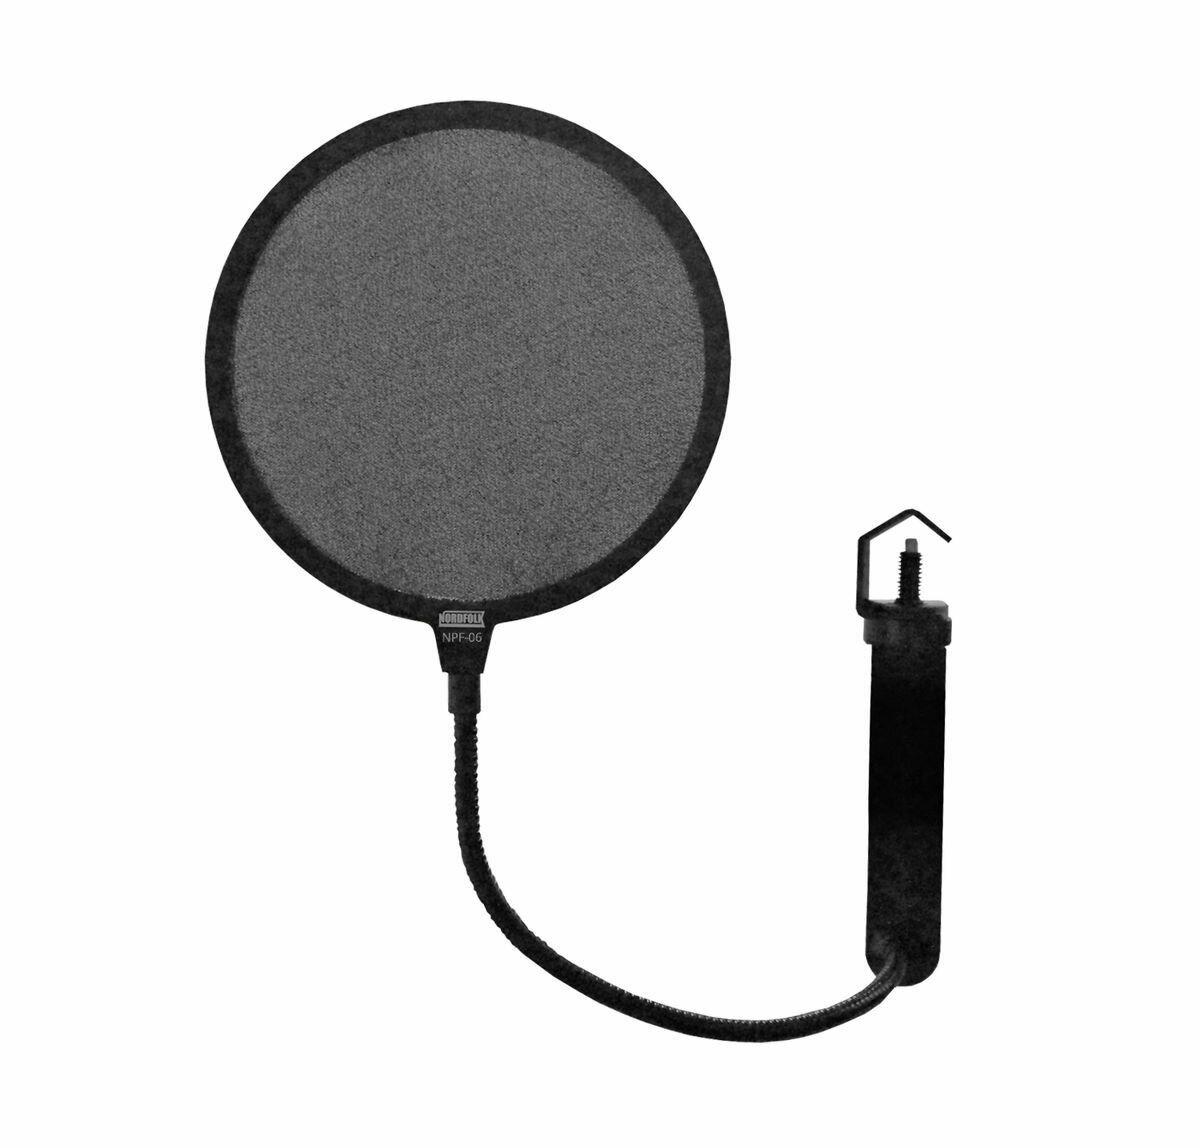 Аксессуар для микрофона NPF06, черный